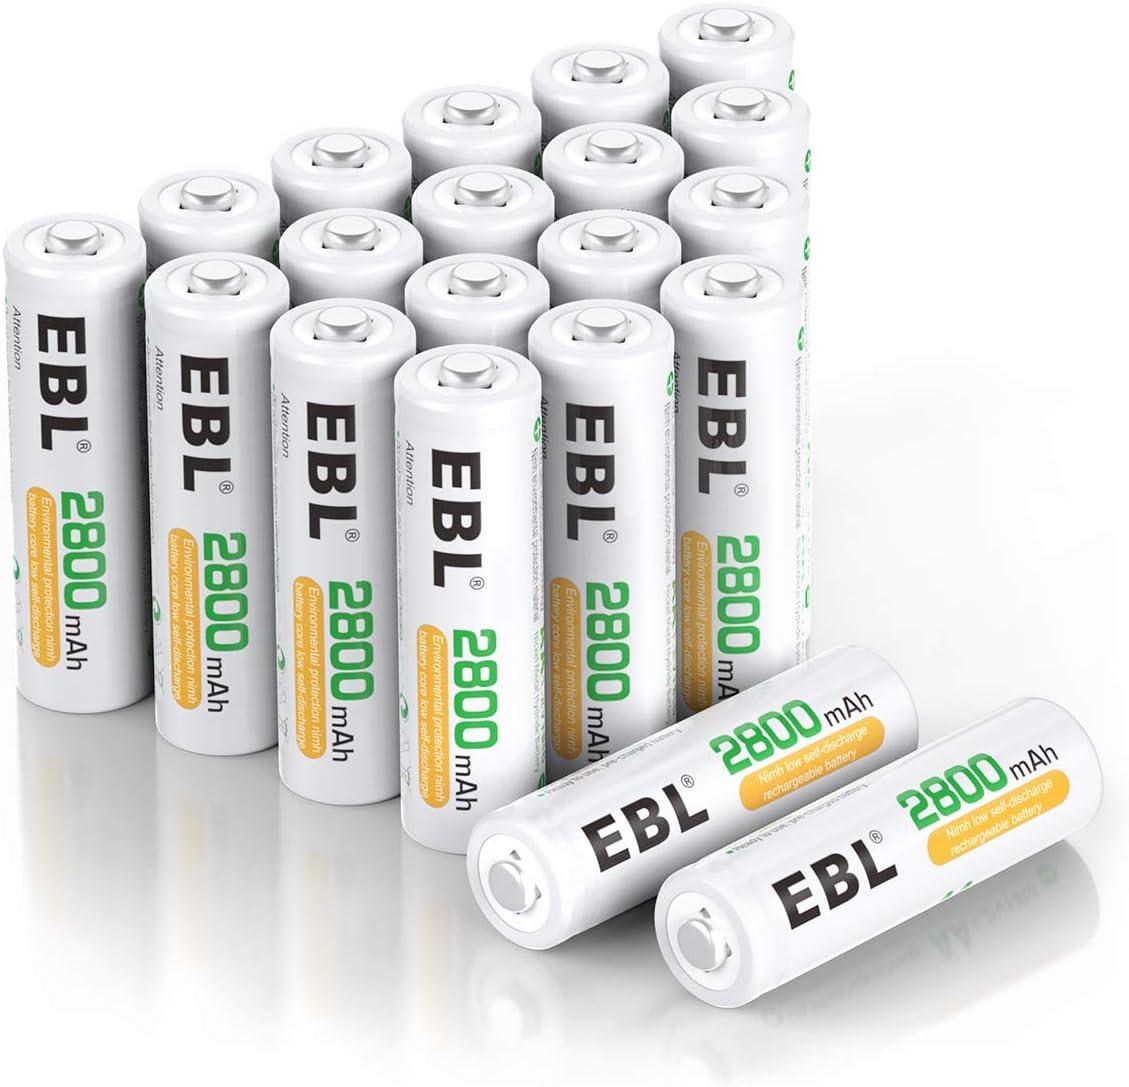 EBL AA Akku 2800mAh hohe Kapazit/ät 1200 Ladezyklen AA Mignon NI-MH wiederaufladbare Batterien 20 St/ück